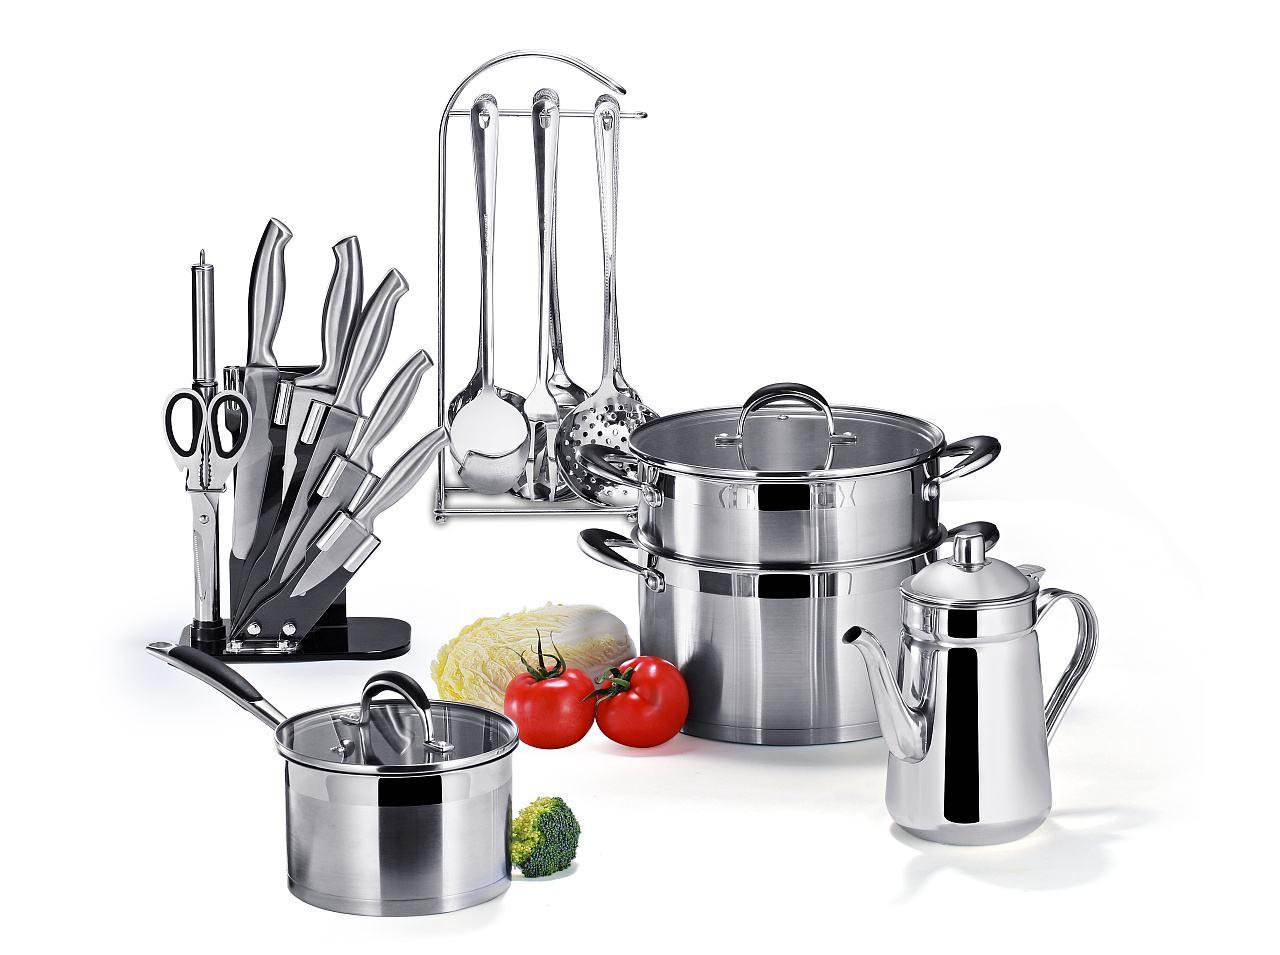 廚具剪刀廠商出售-興博技術服務部專業供應剪刀